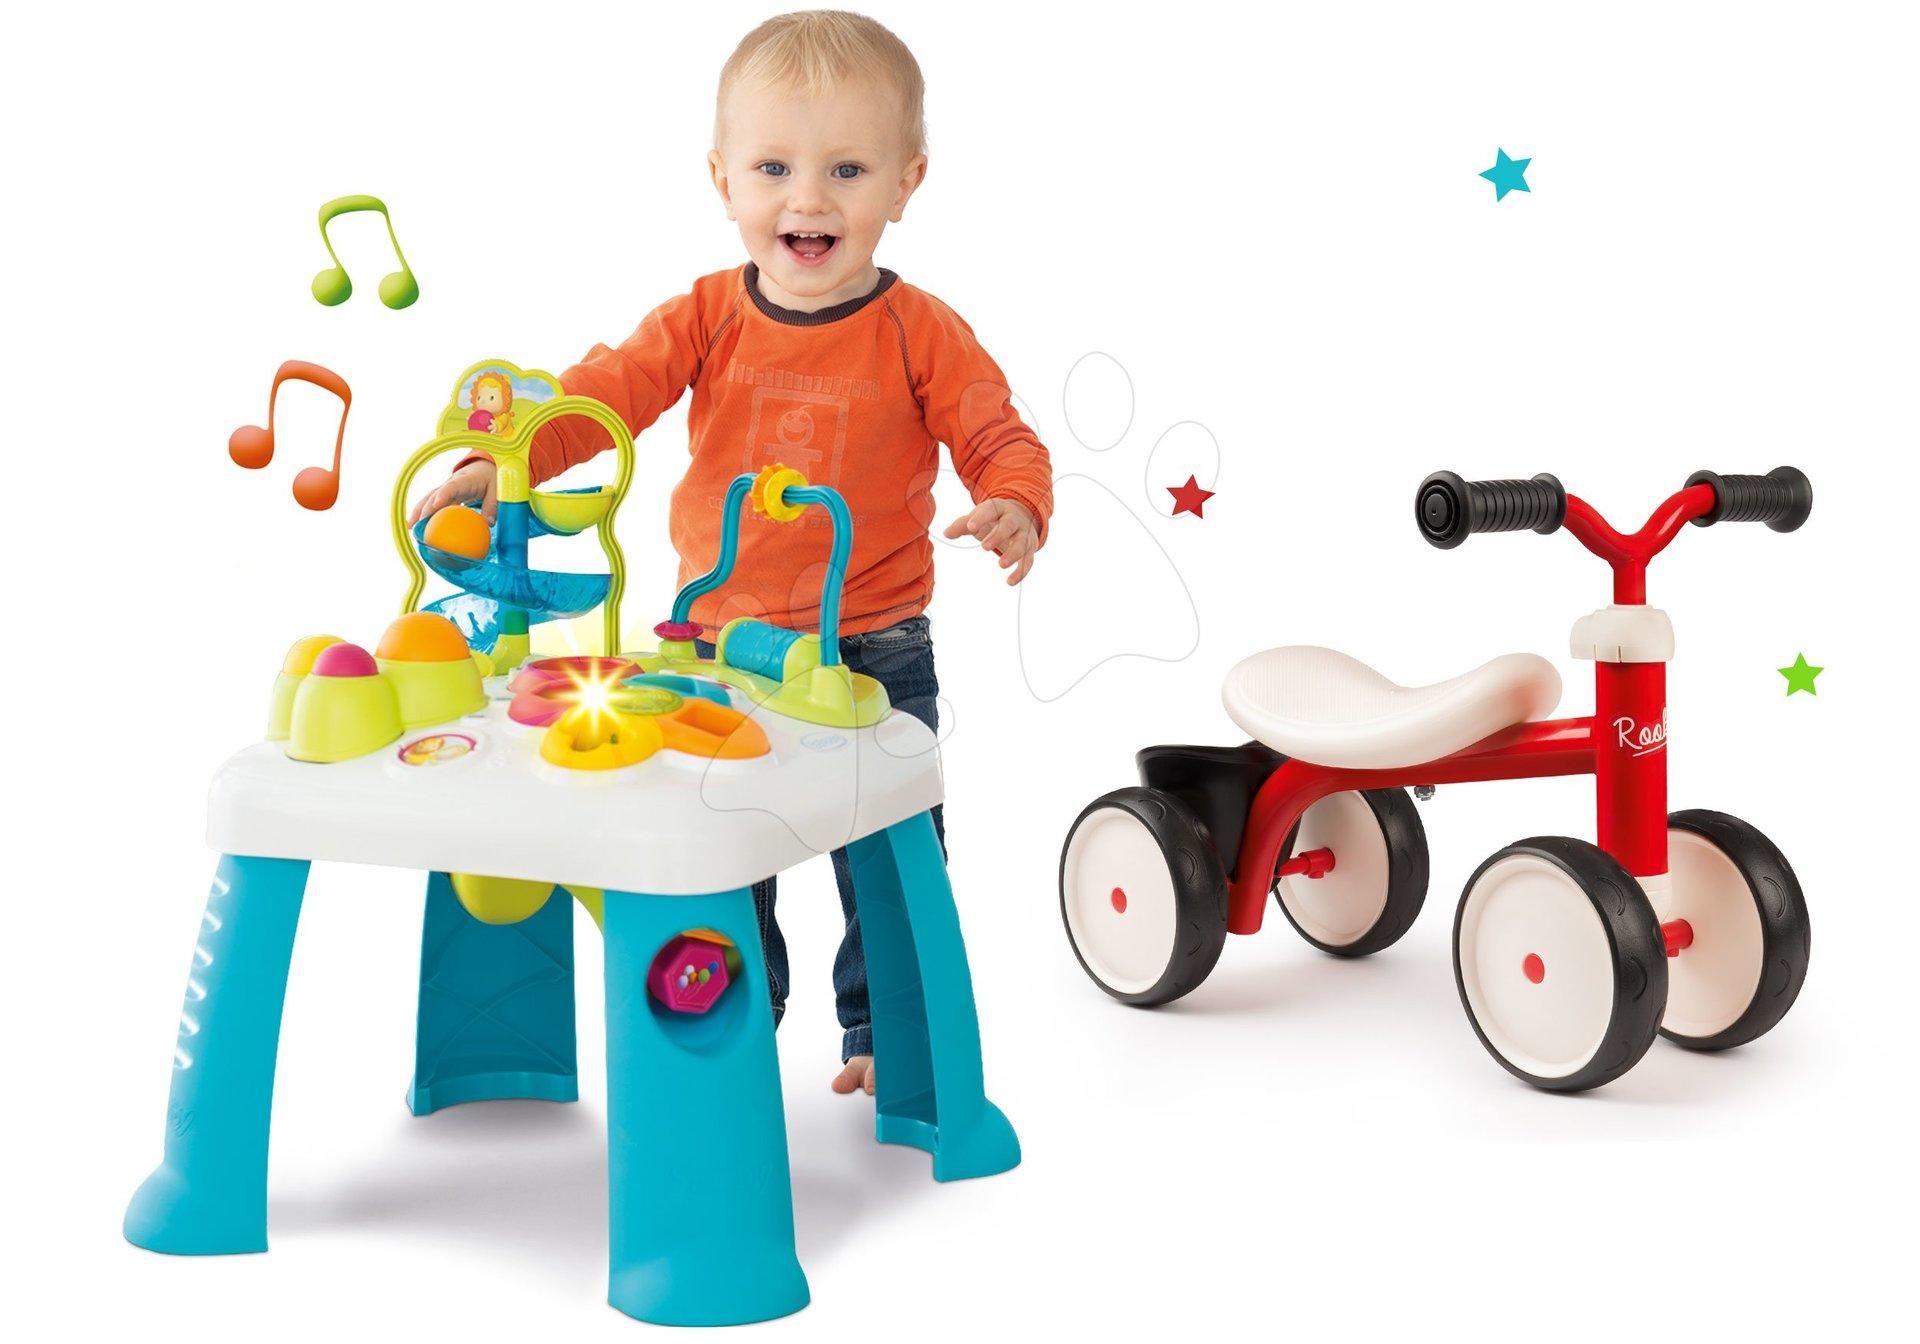 Set didaktický stôl Activity Table Cotoons Smoby so zvukom, svetlom a odrážadlo Rookie s otočnými kolieskami